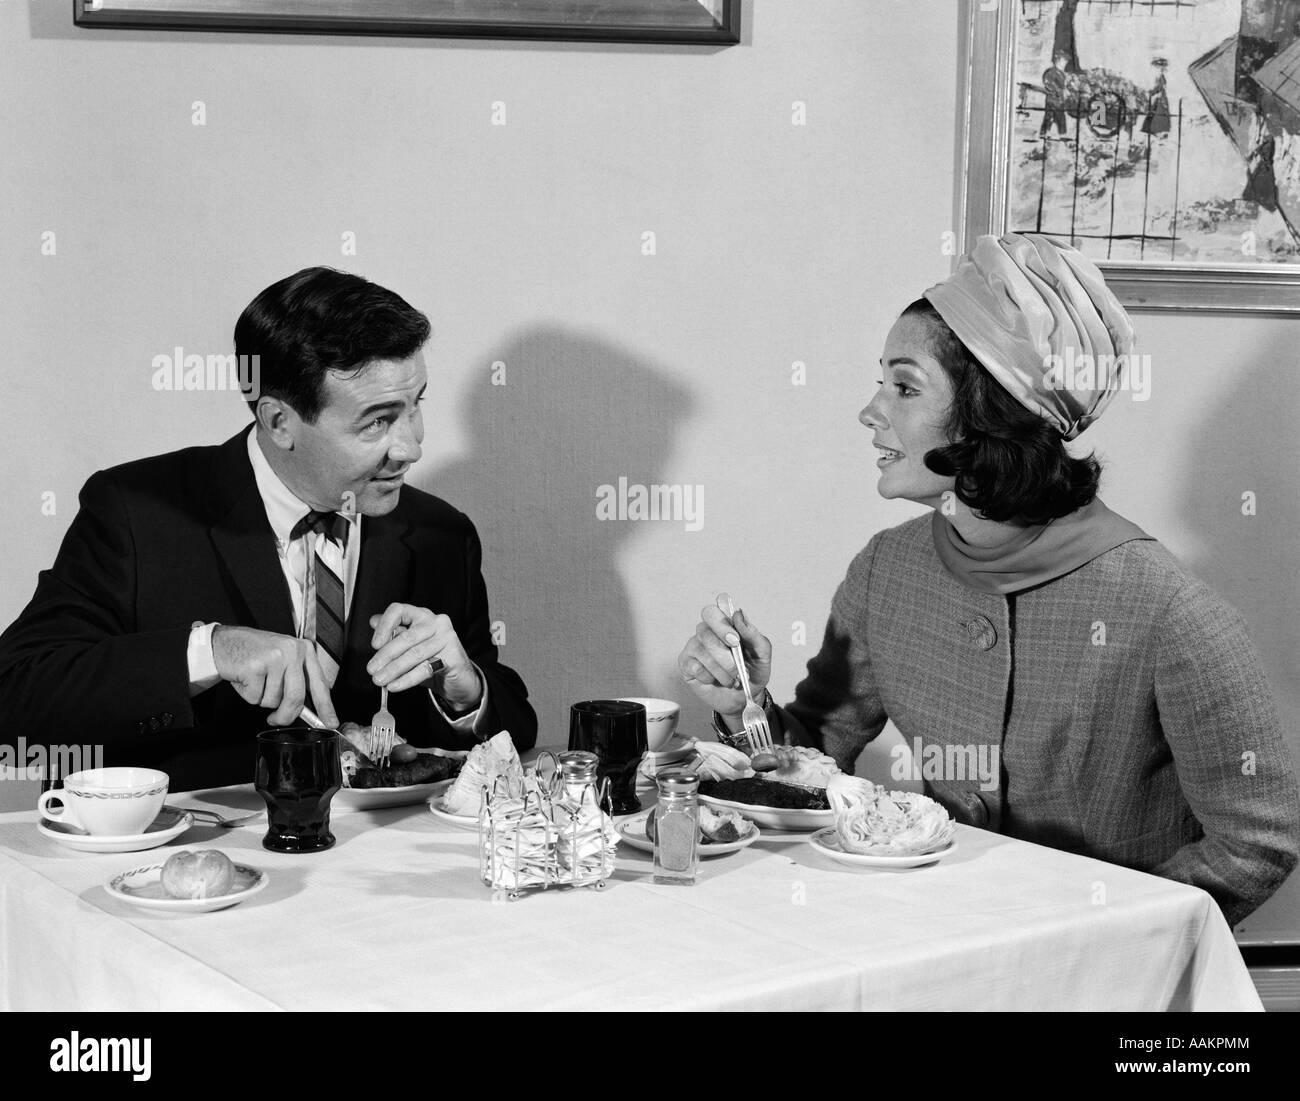 Black man eating white woman